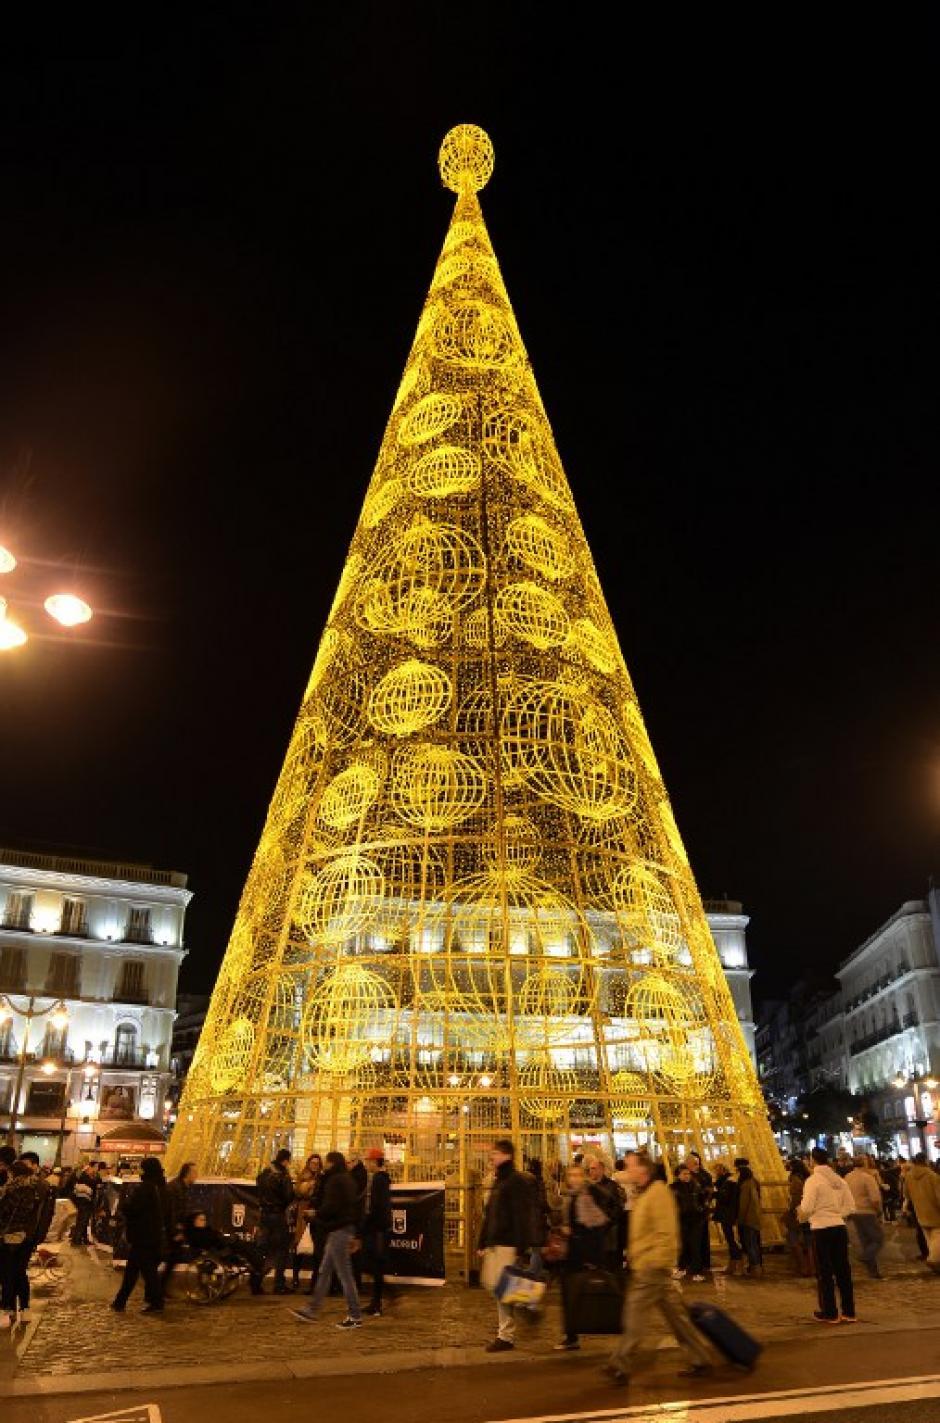 Un árbol gigante ilumina la Puerta del Sol, en el centro de Madrid, España. (Foto: AFP)